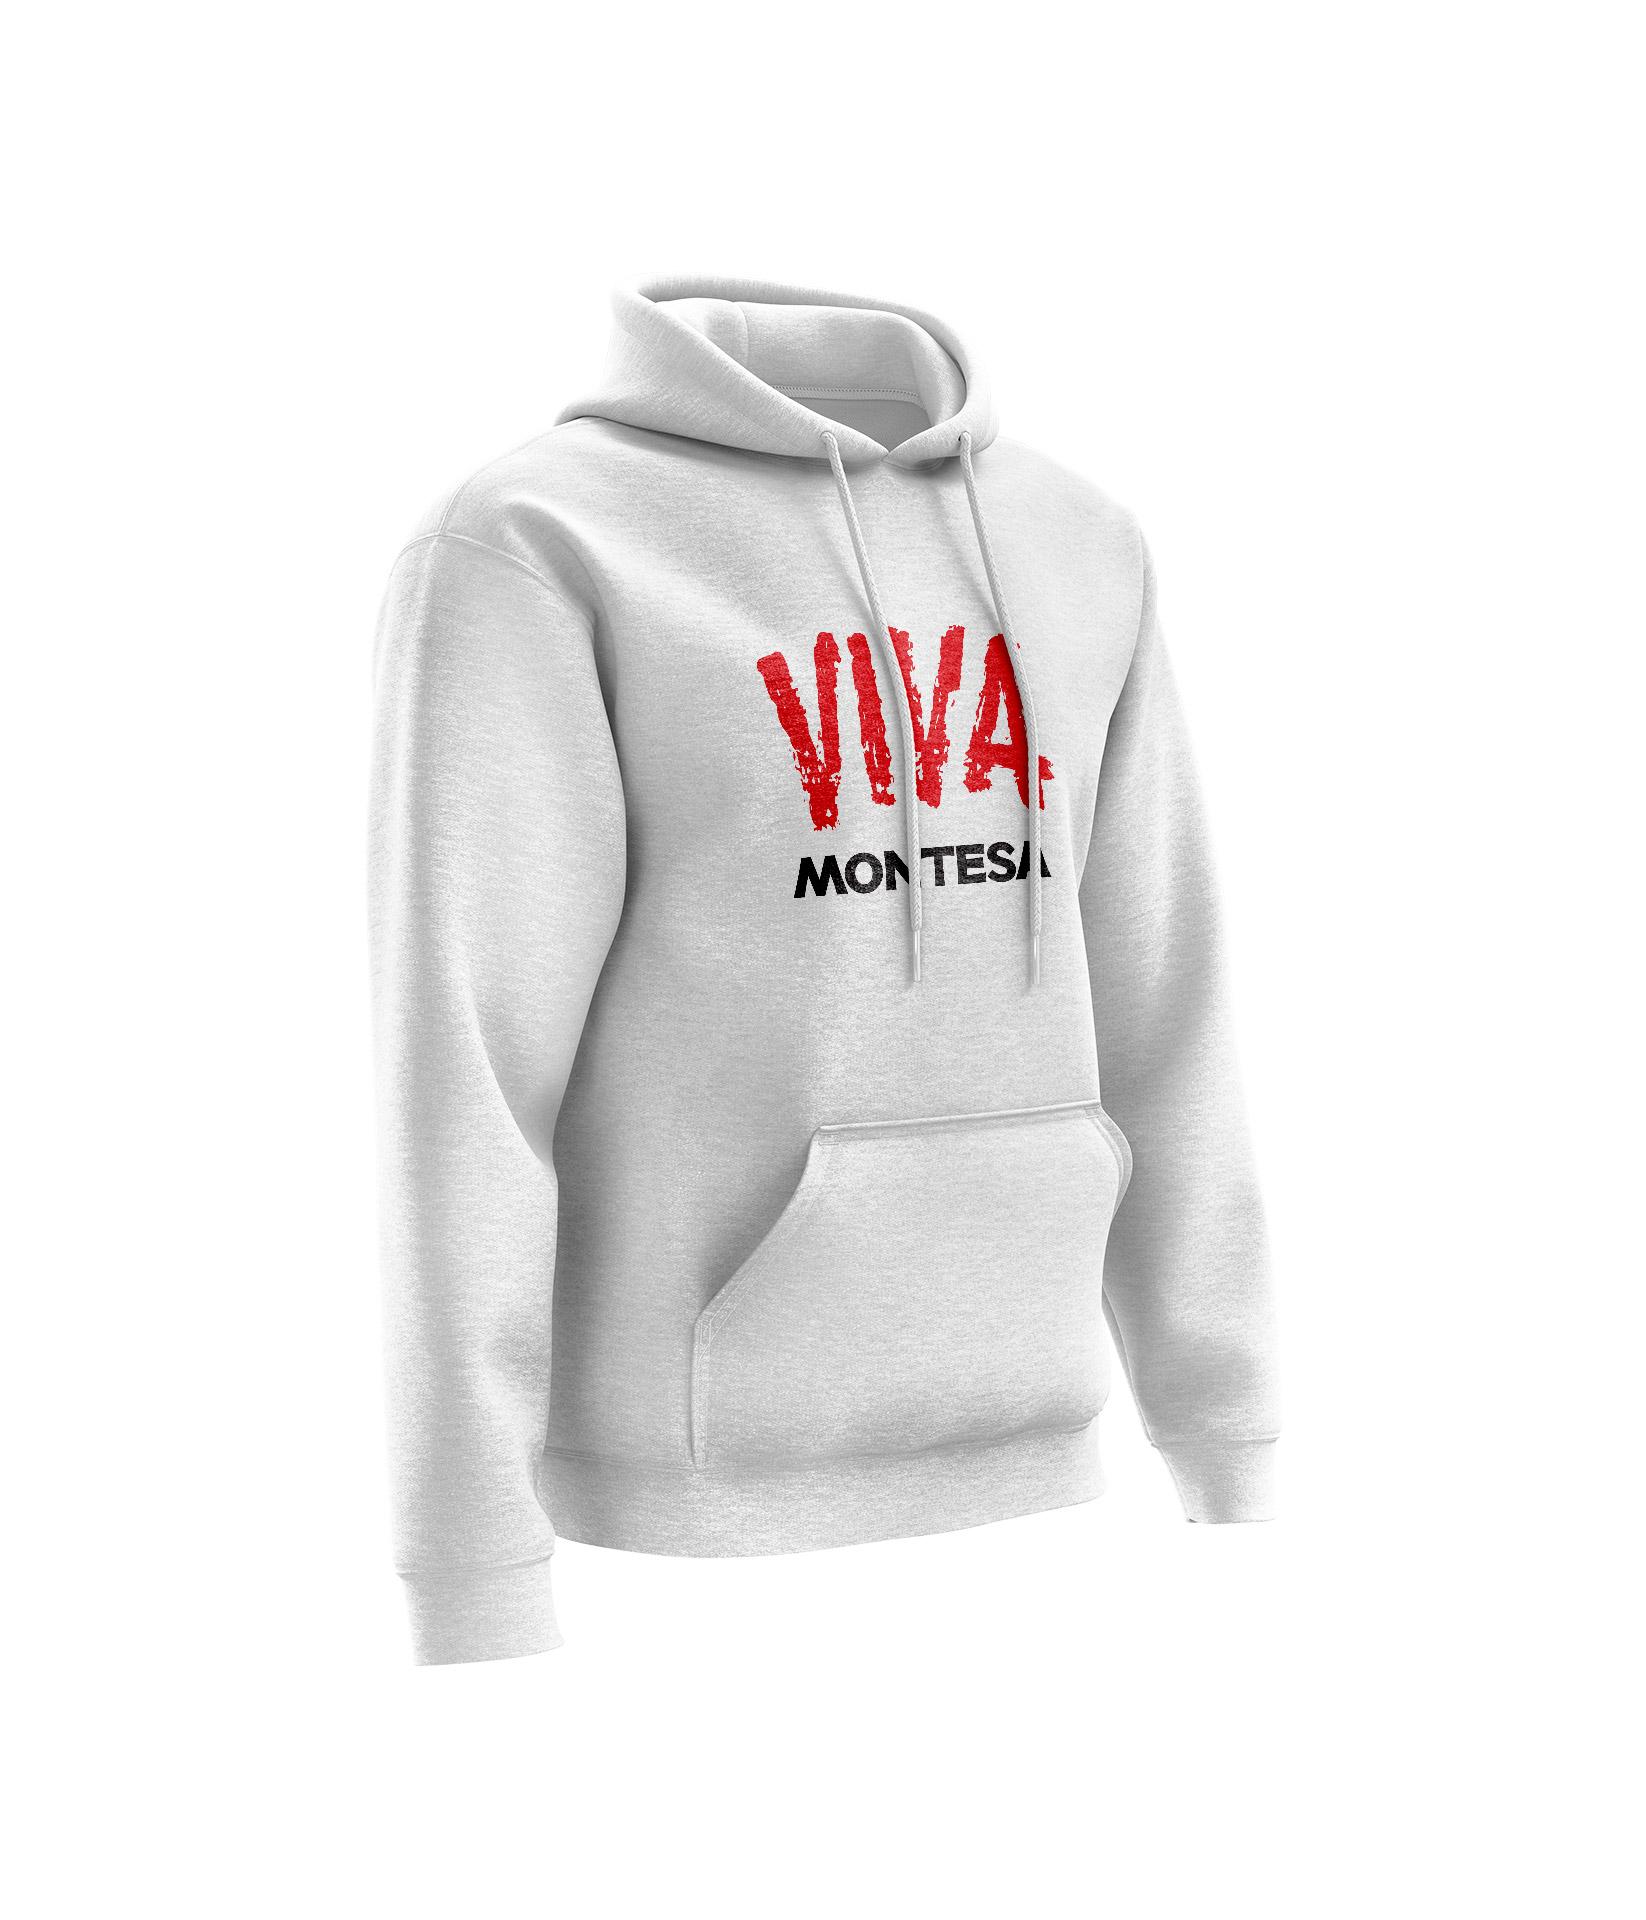 Sweat MONTESA Viva Blanc Chiné - Rouge Noir